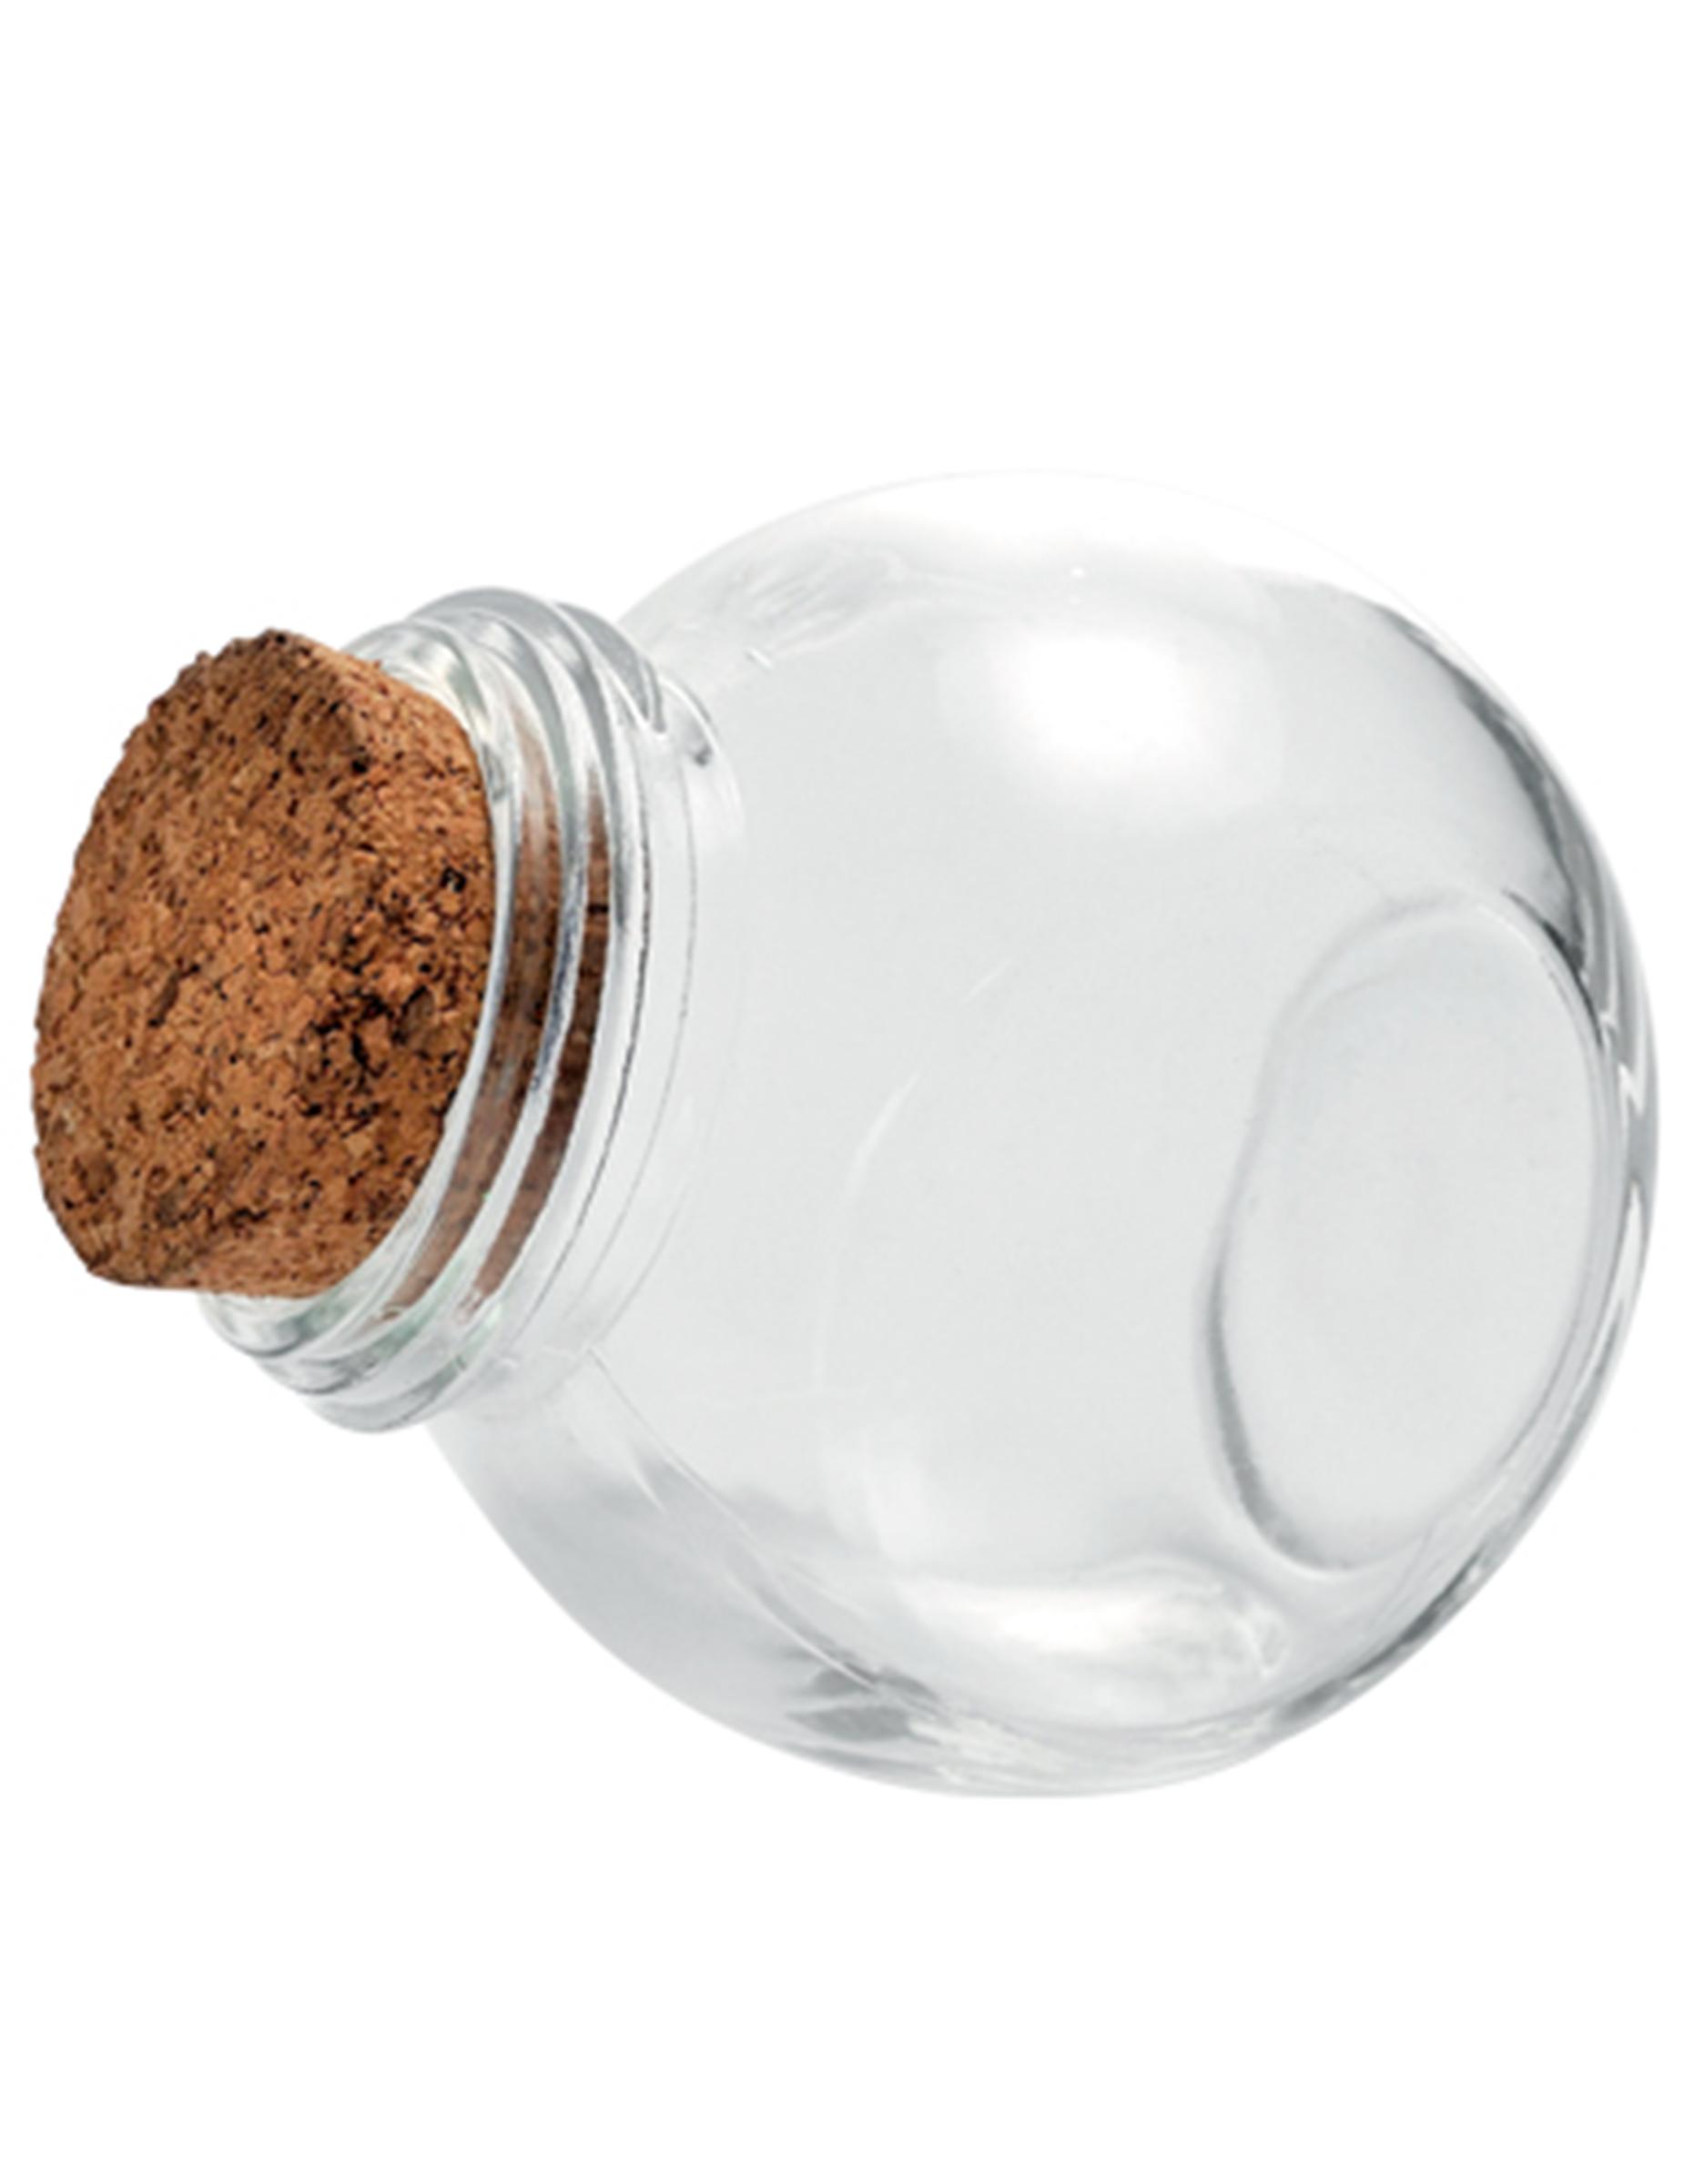 Petit bocal en verre avec bouchon li ge 5 5 cm d coration anniversaire et f tes th me sur for Decoration bocal en verre